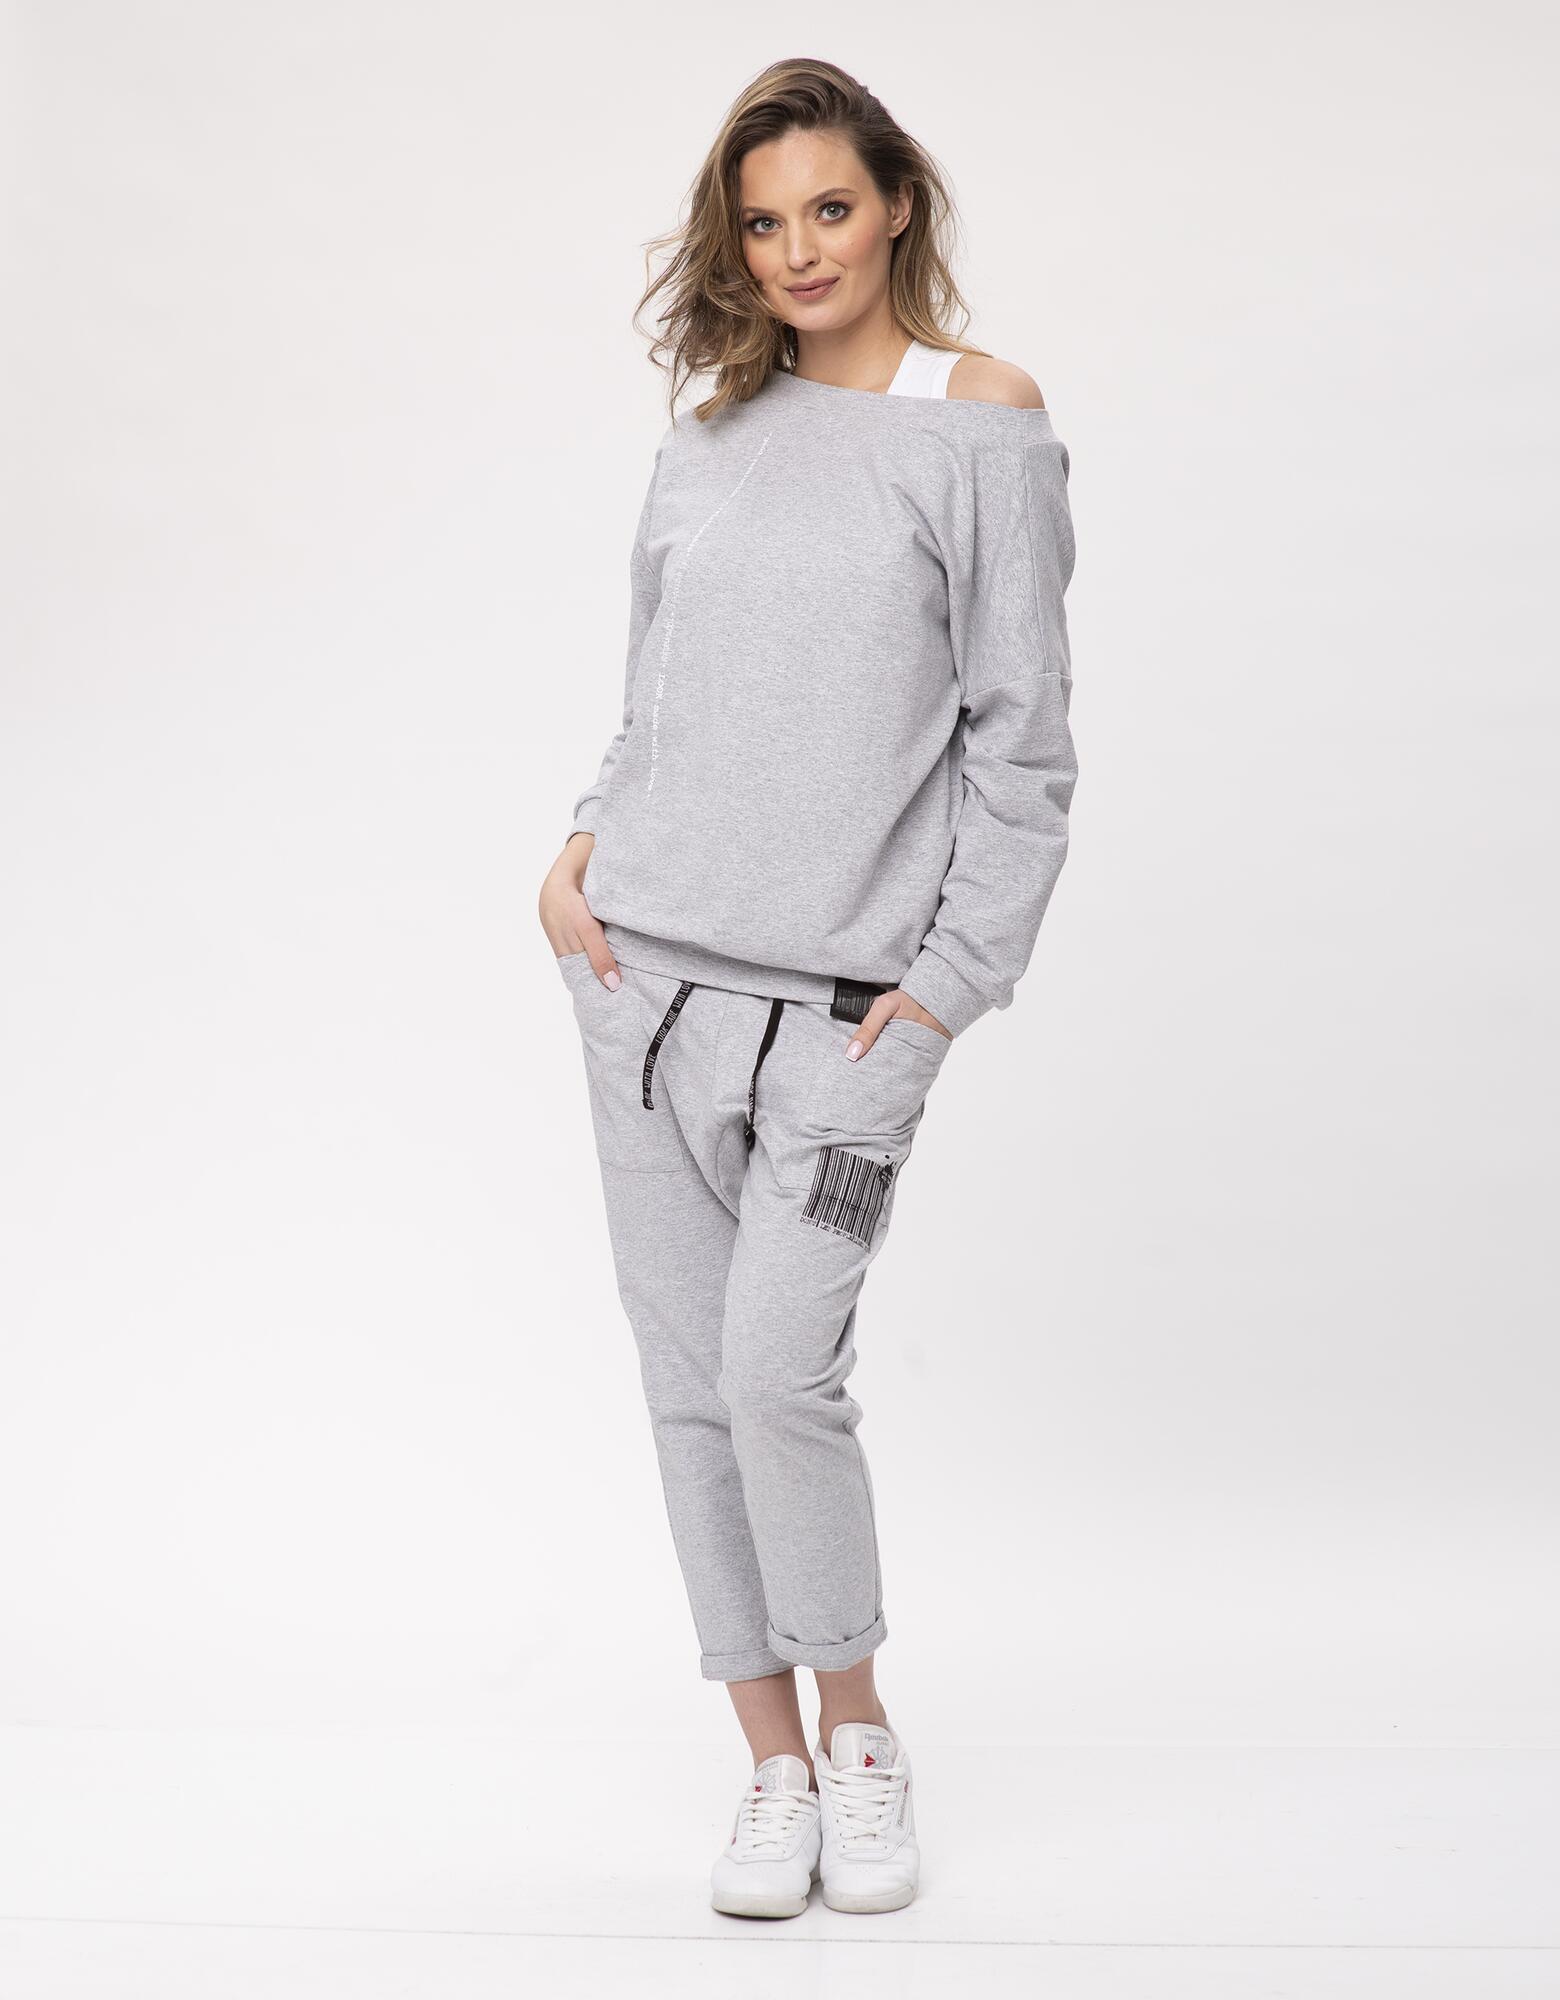 Bluza dresowa z dekoltem Ada Look - LOOK made with Love | JestemSlow.pl